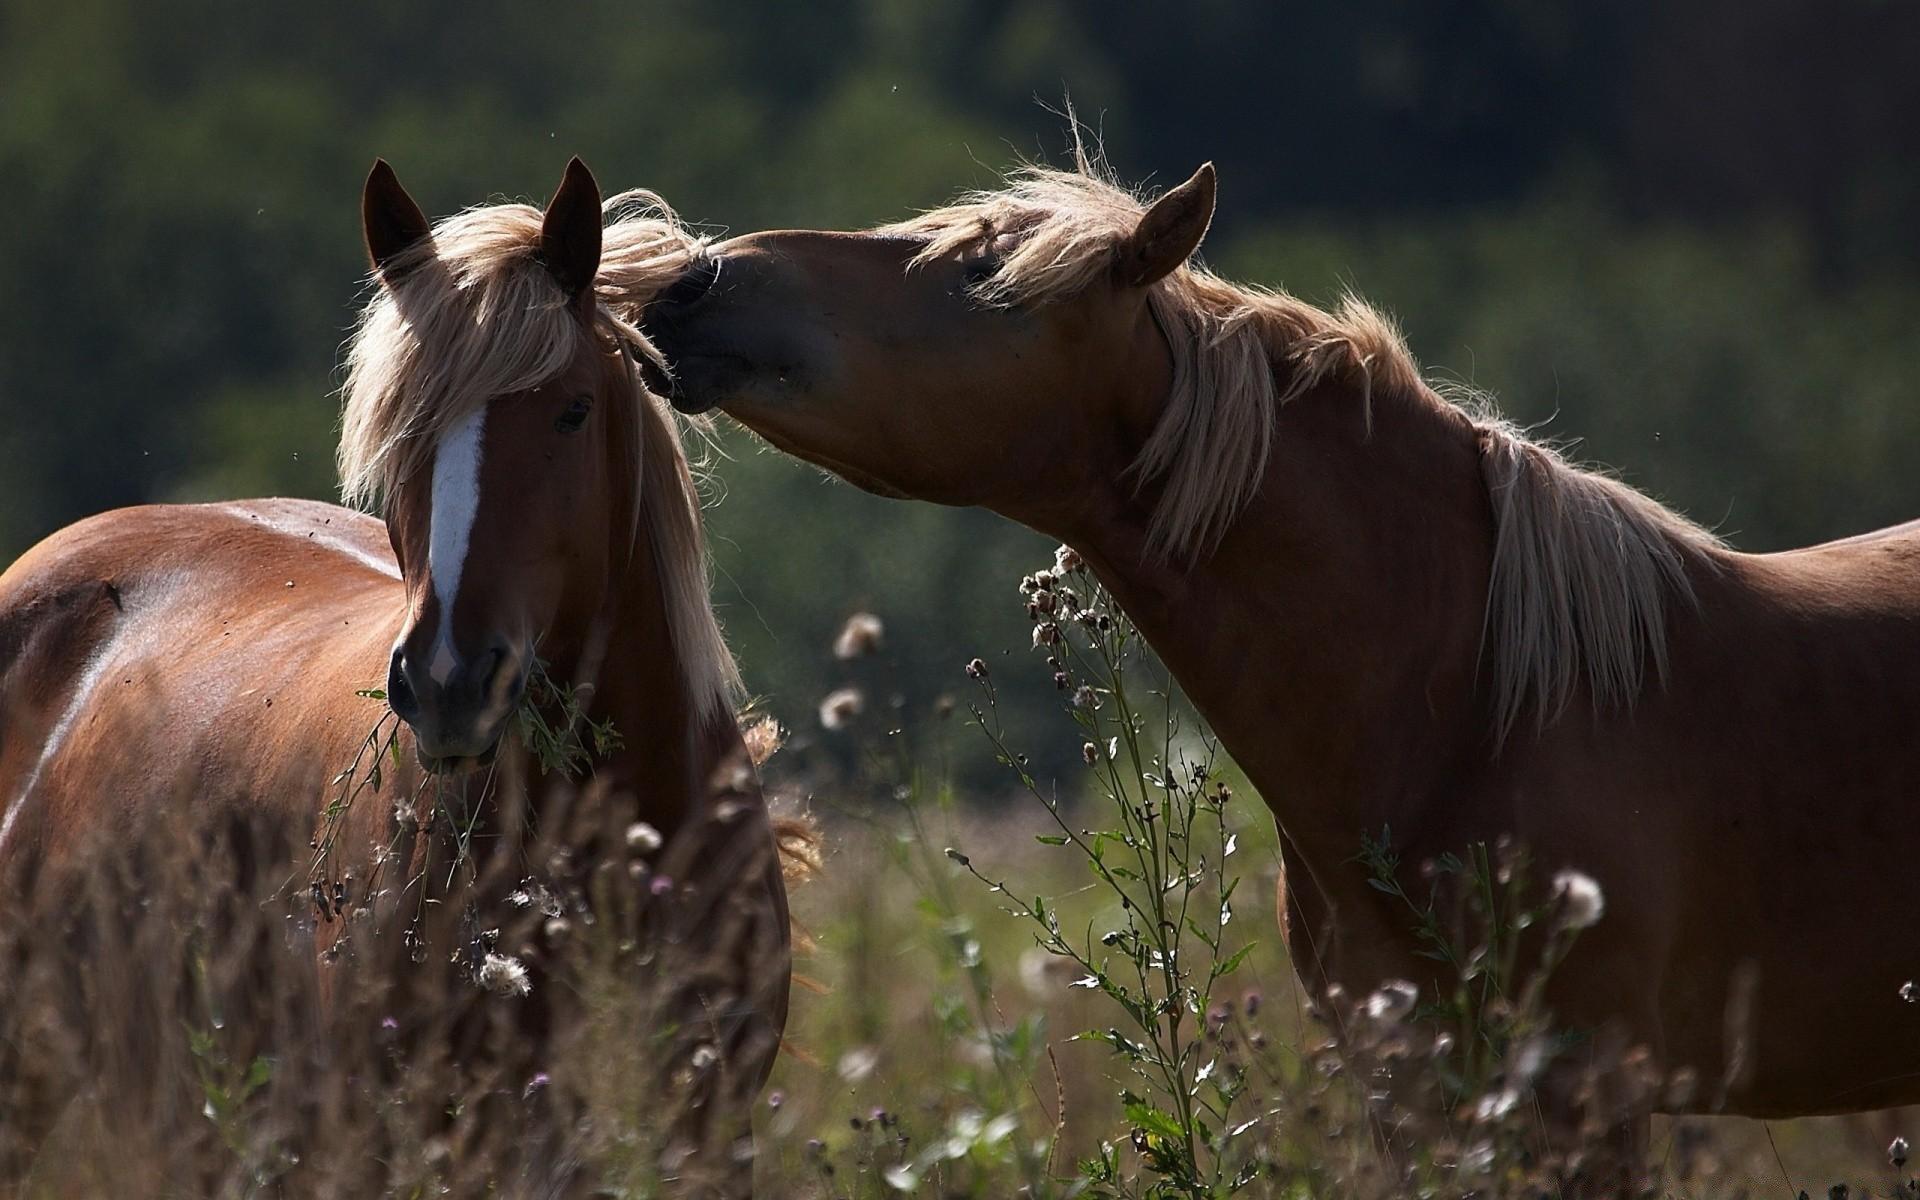 Картинки красивые про природу с животными, про стукача приколом